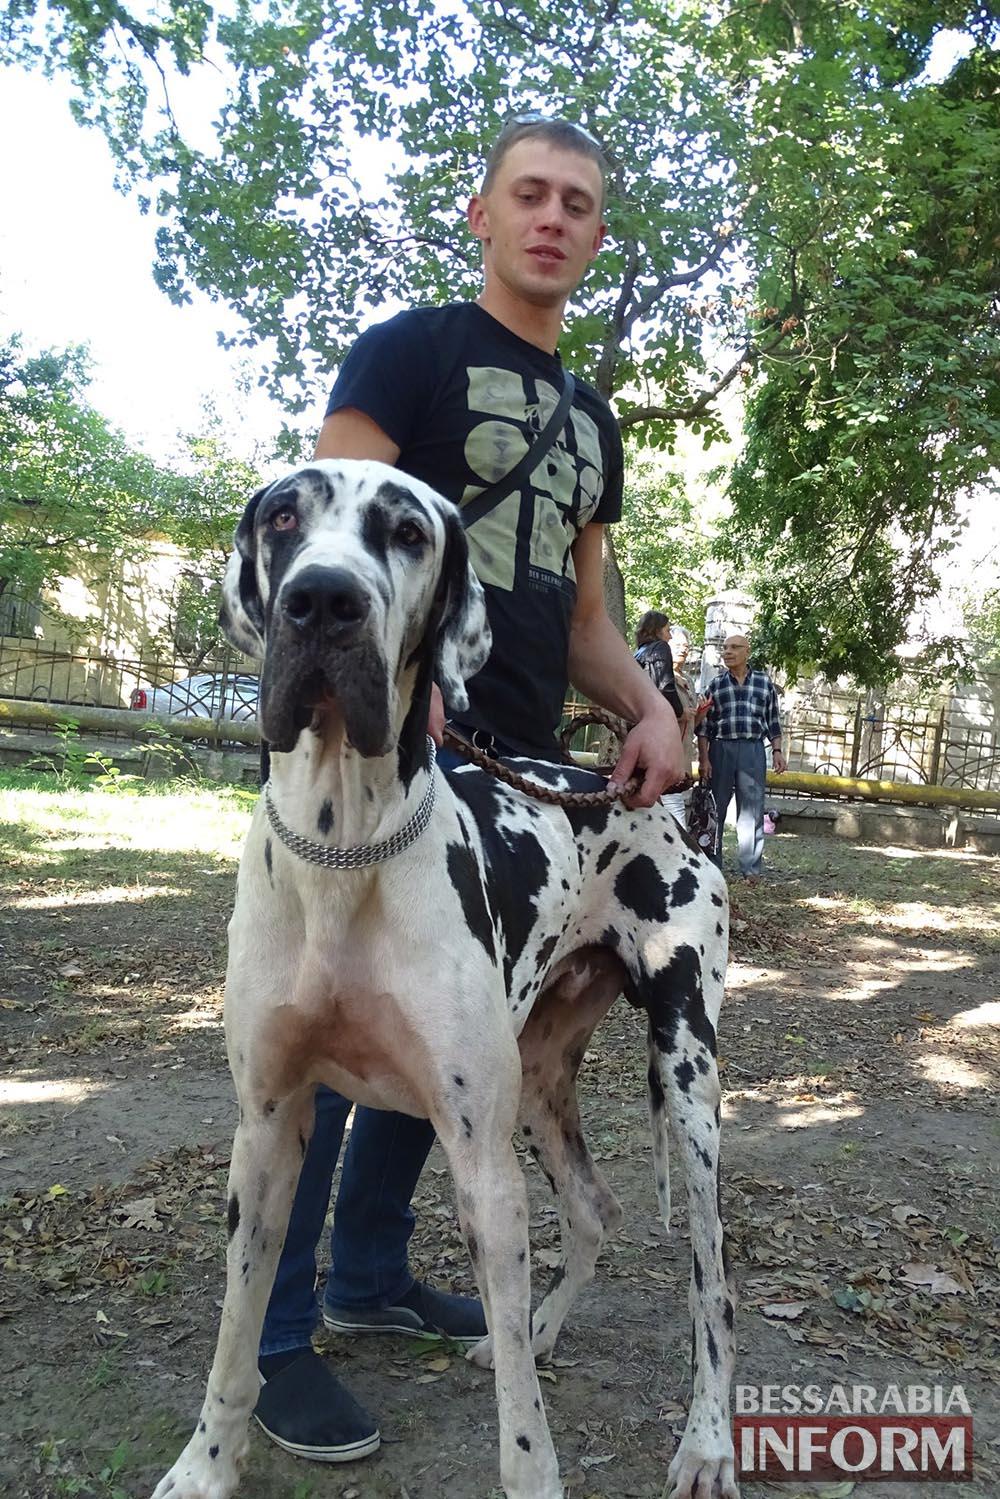 """bdTzJvu1O0s Племенной смотр собак в Измаиле - первый бал для начинающих """"четвероногих"""" друзей (фото)"""